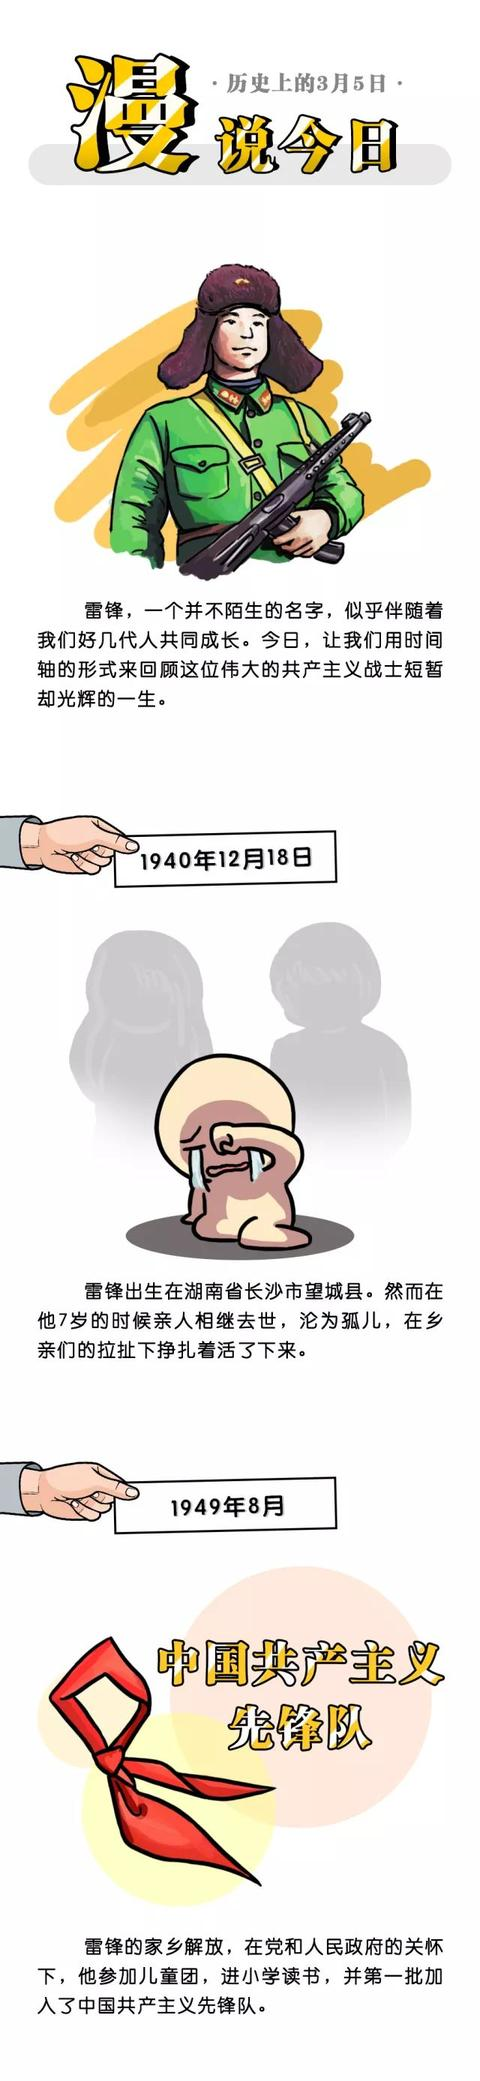 雷锋简笔画卡通